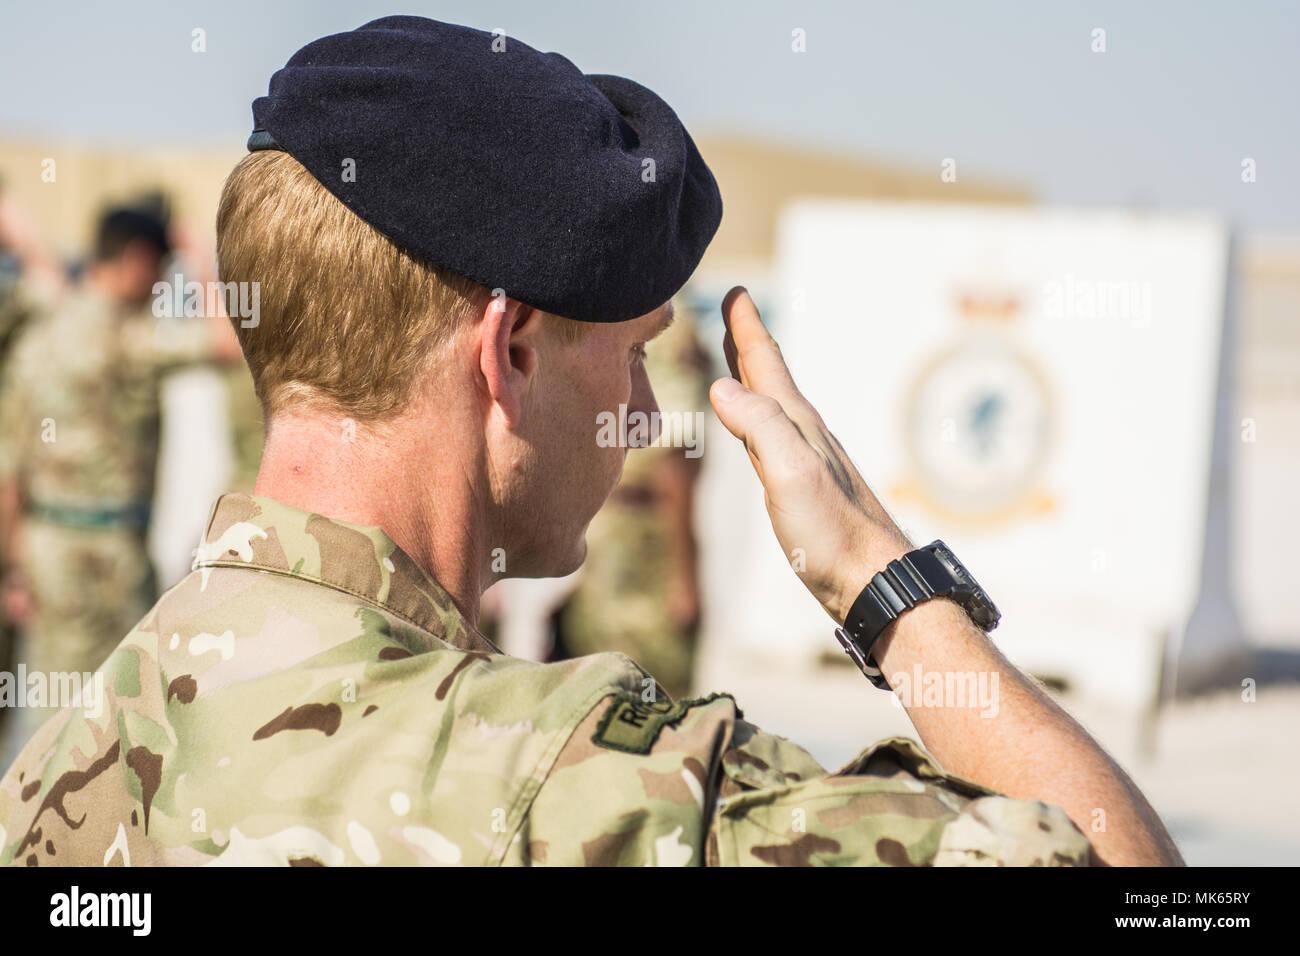 Royal British Navy Stock Photos & Royal British Navy Stock Images